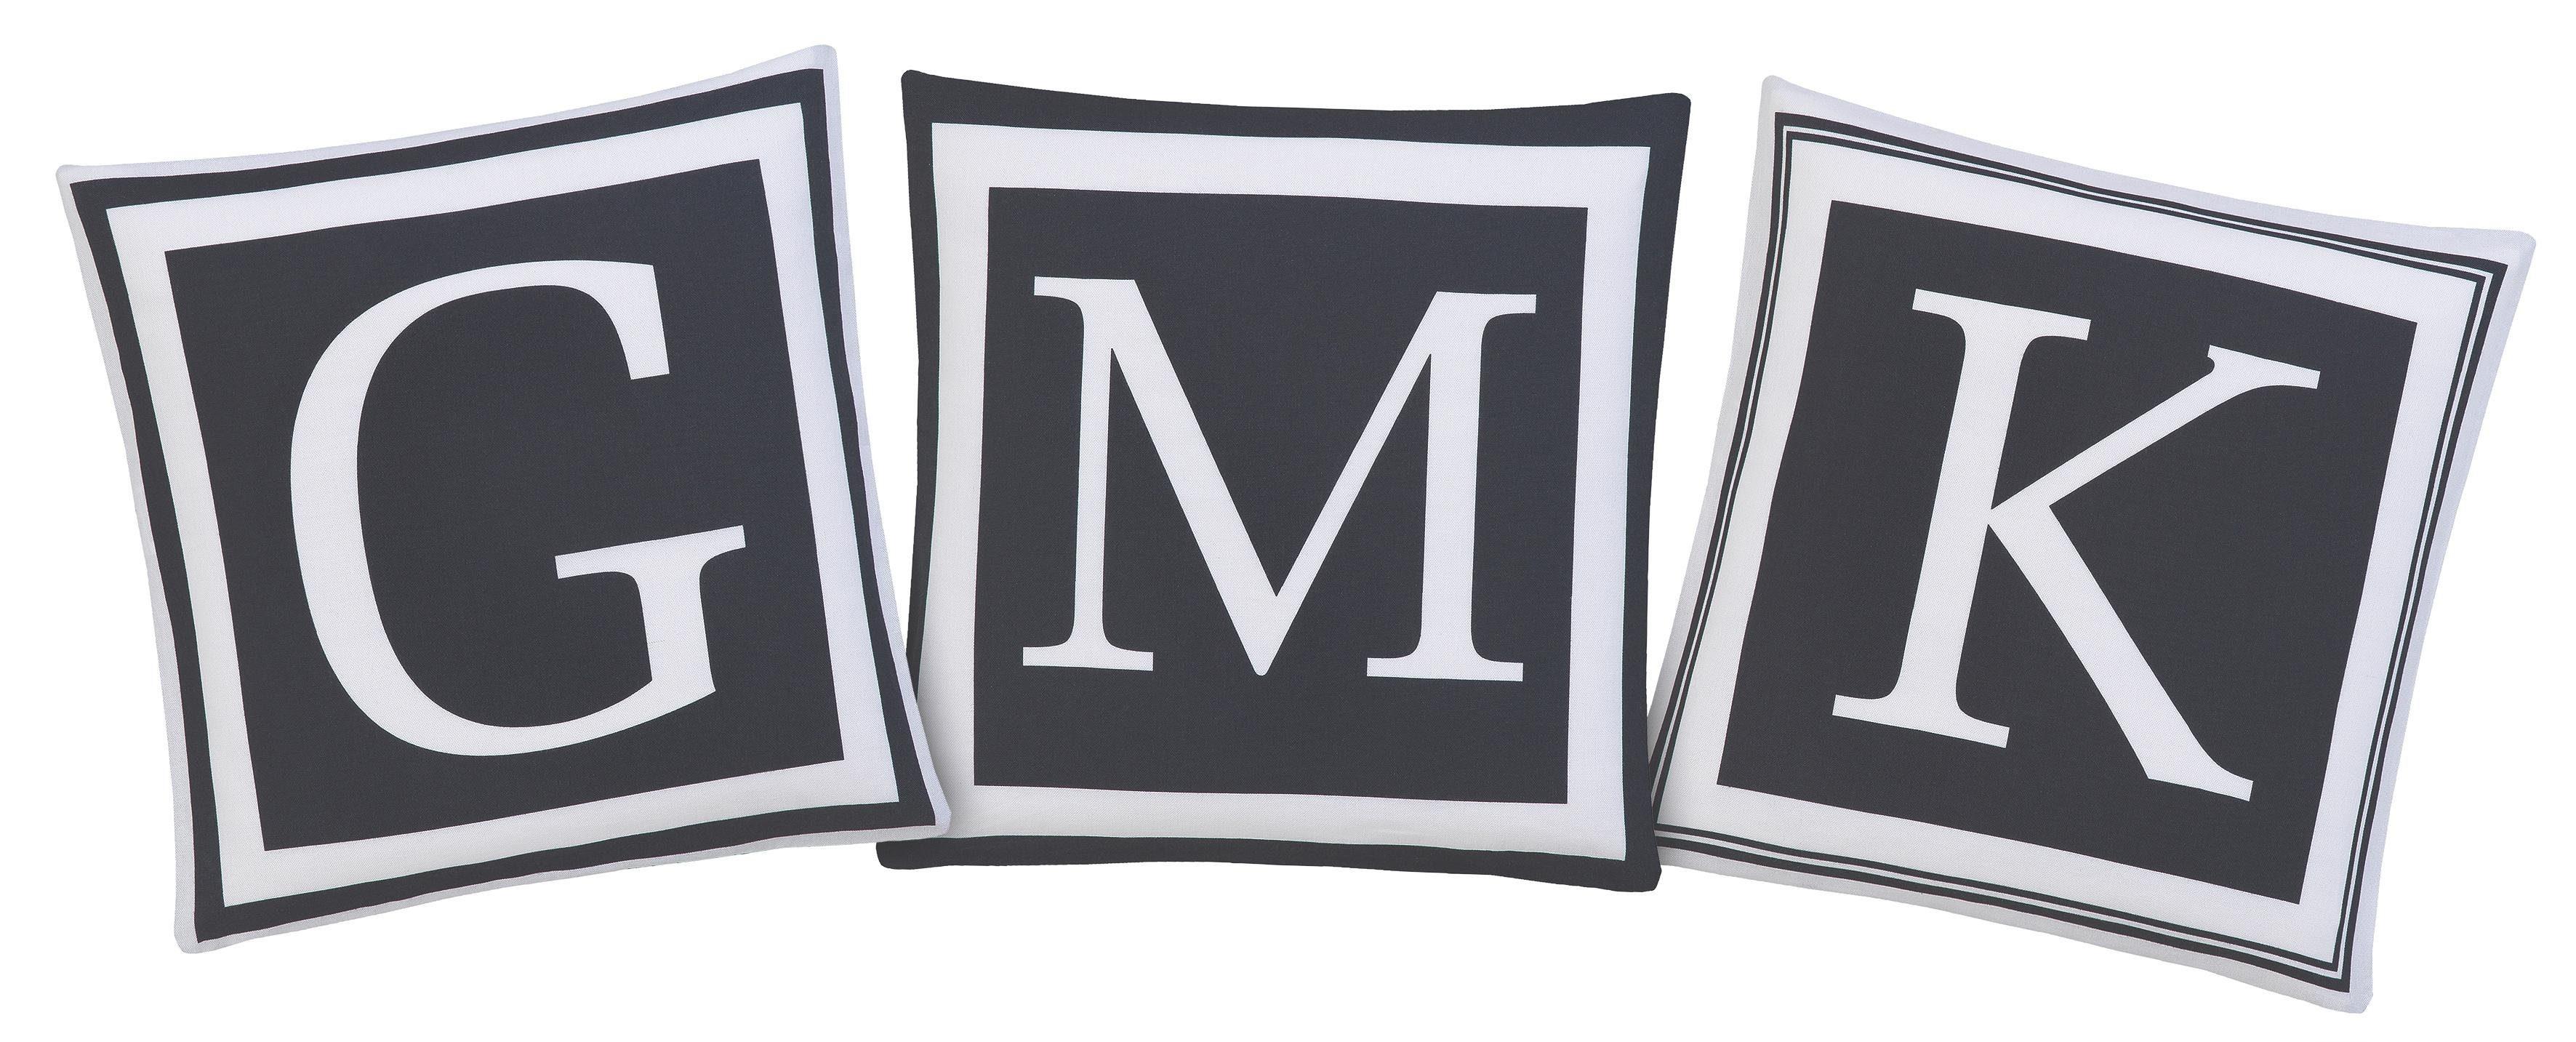 Kissenhülle »Cathy«, Guido Maria Kretschmer Home&Living, mit gedruckten Buchstaben (3 Stück)